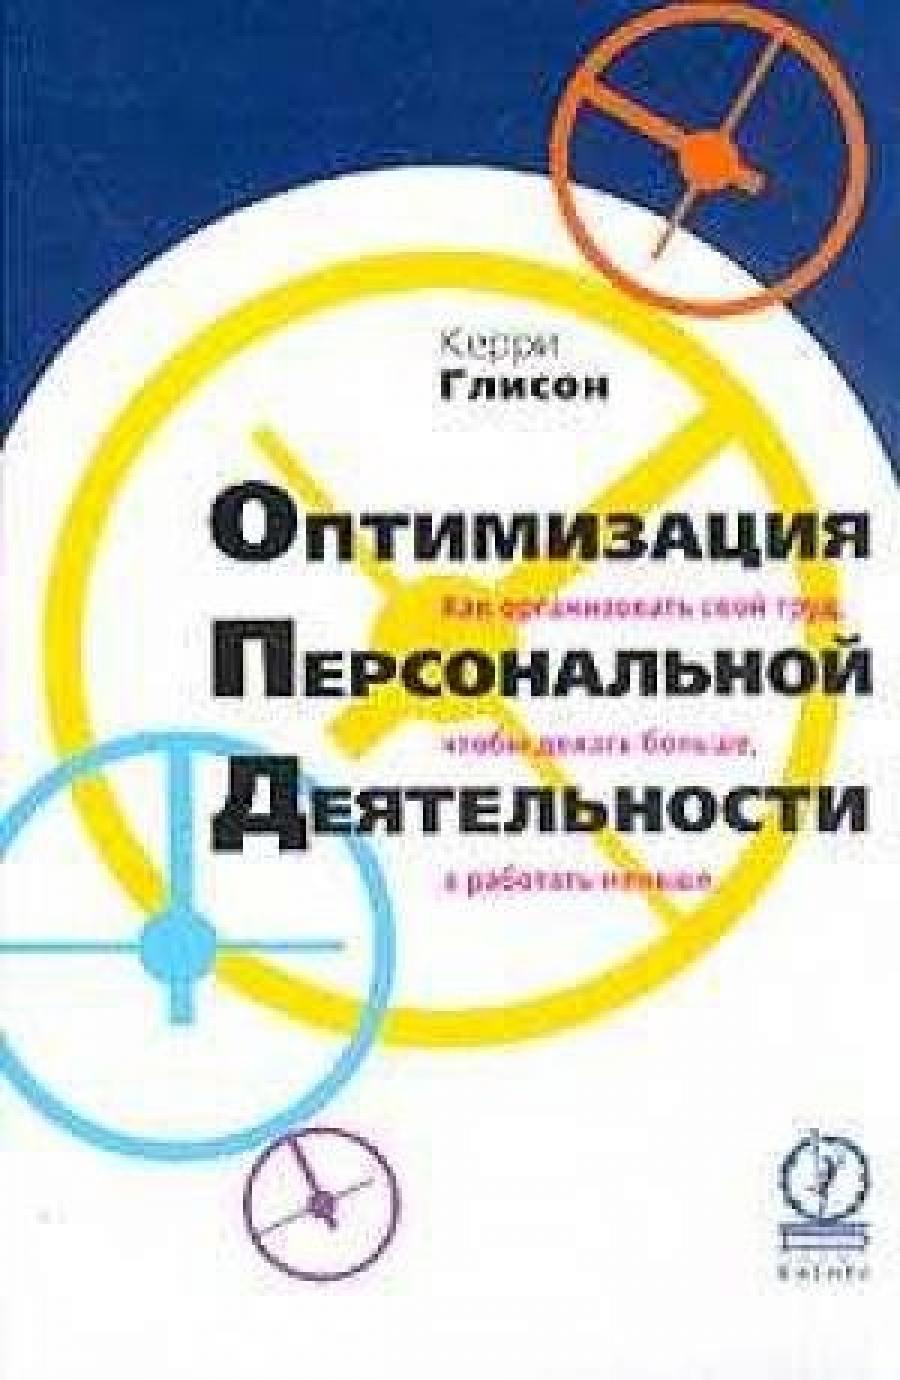 Обложка книги:  керри глисон (kerry gleeson) - оптимизация персональной деятельности